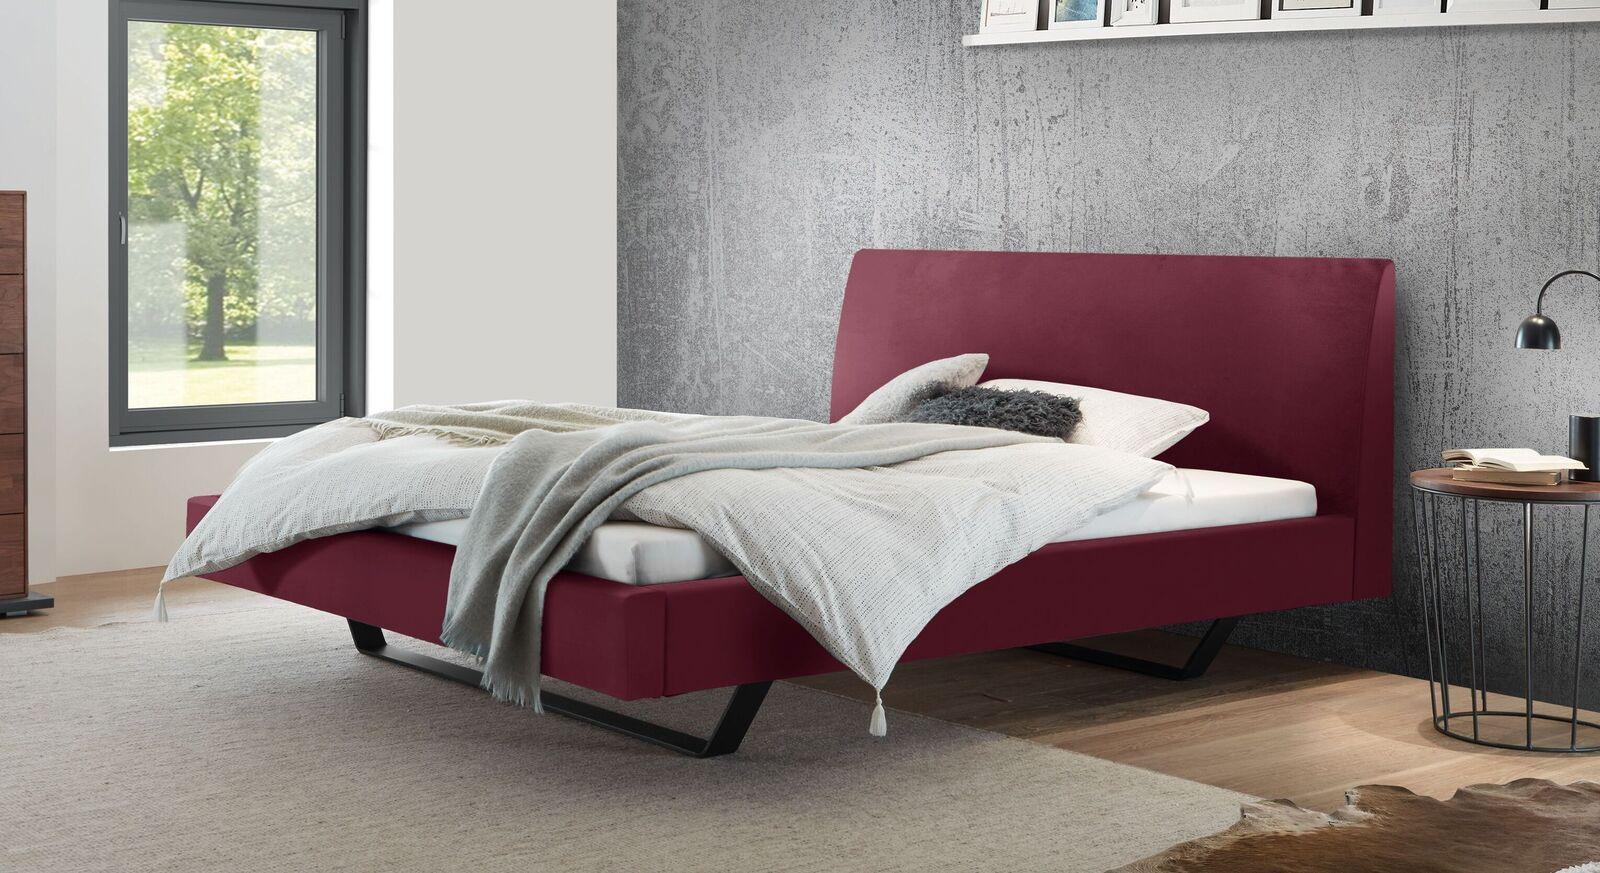 Bett Lieven mit rubinfarbenem Samtbezug